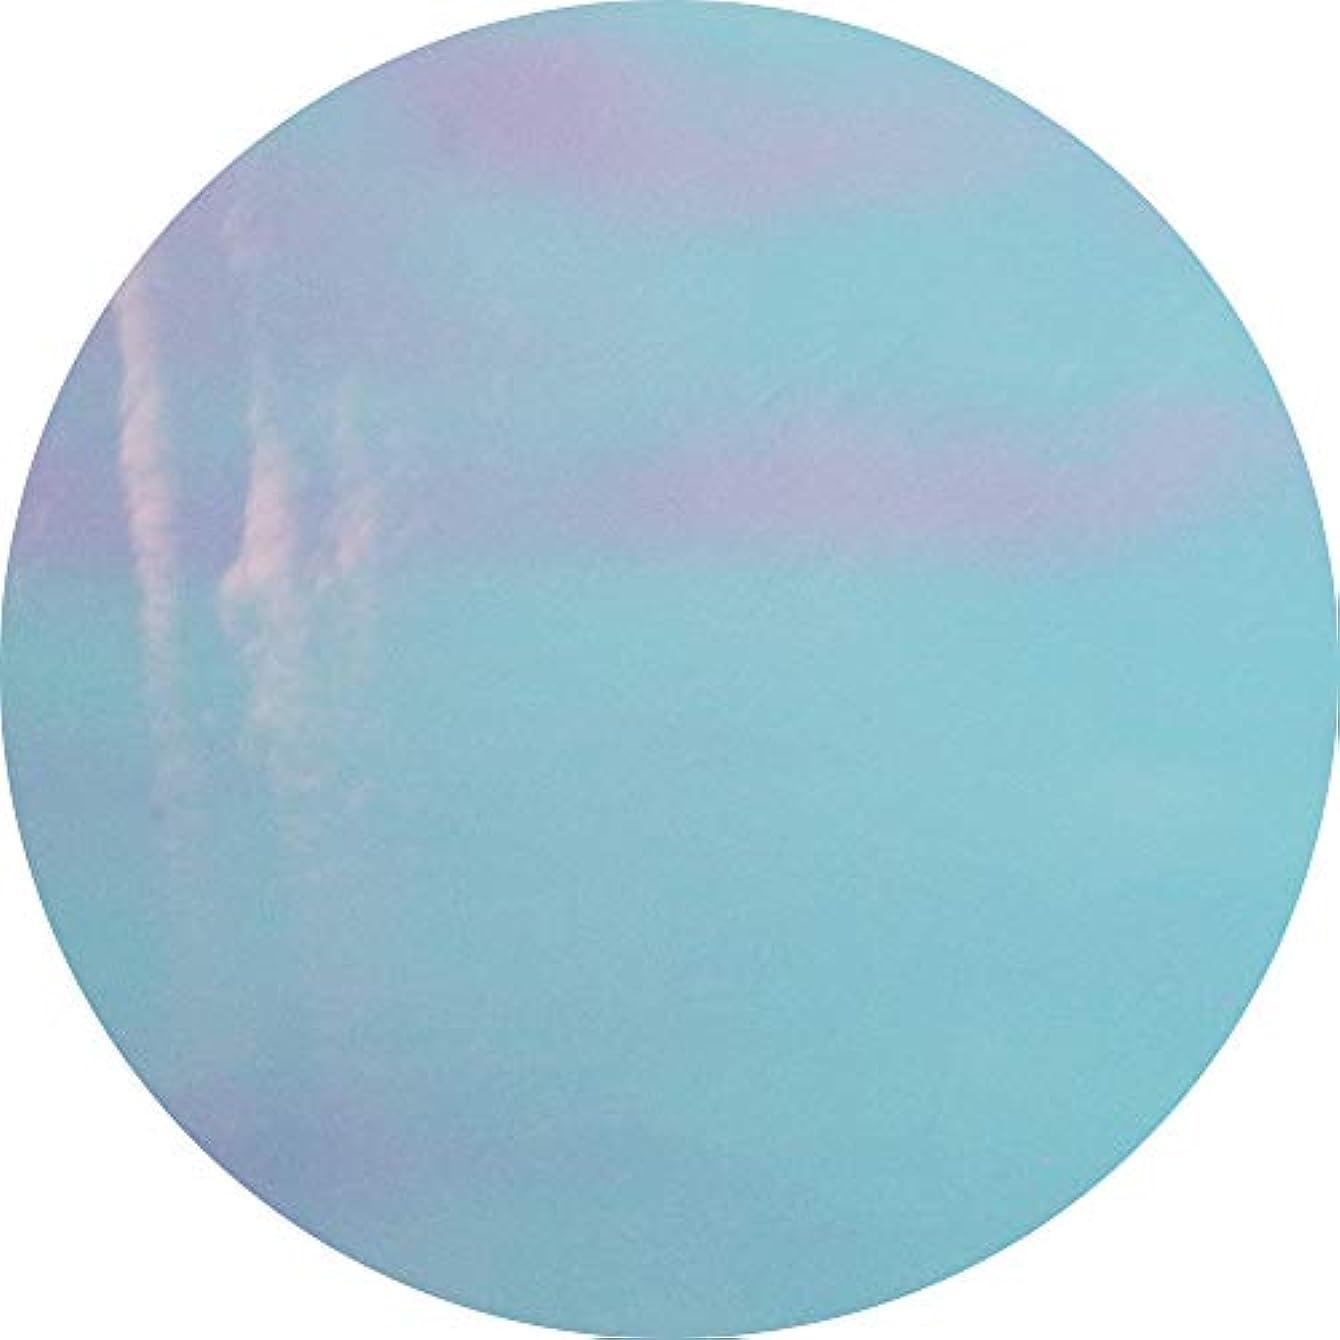 軽湿気の多い優しいMATIERE(マティエール) オーロラフィルム 偏光ブルー